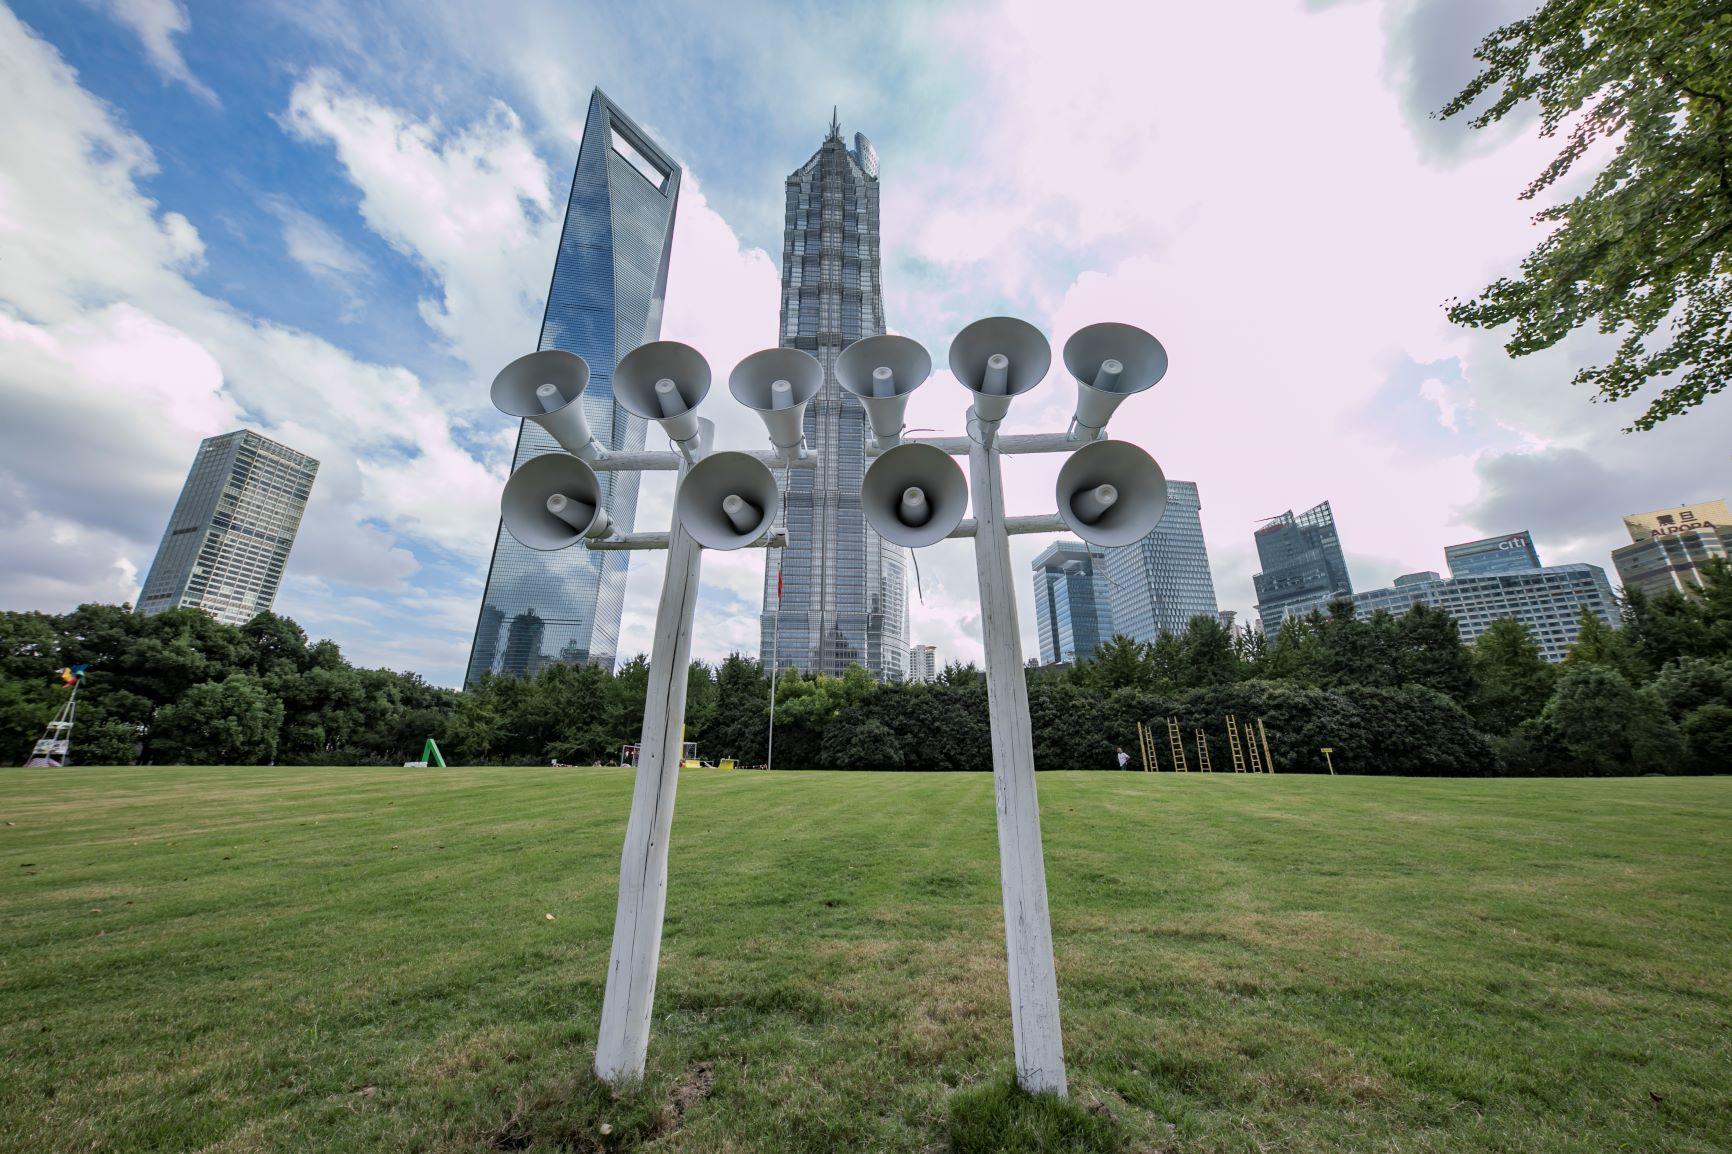 08-吴哲圻《Sound of Shanghai》